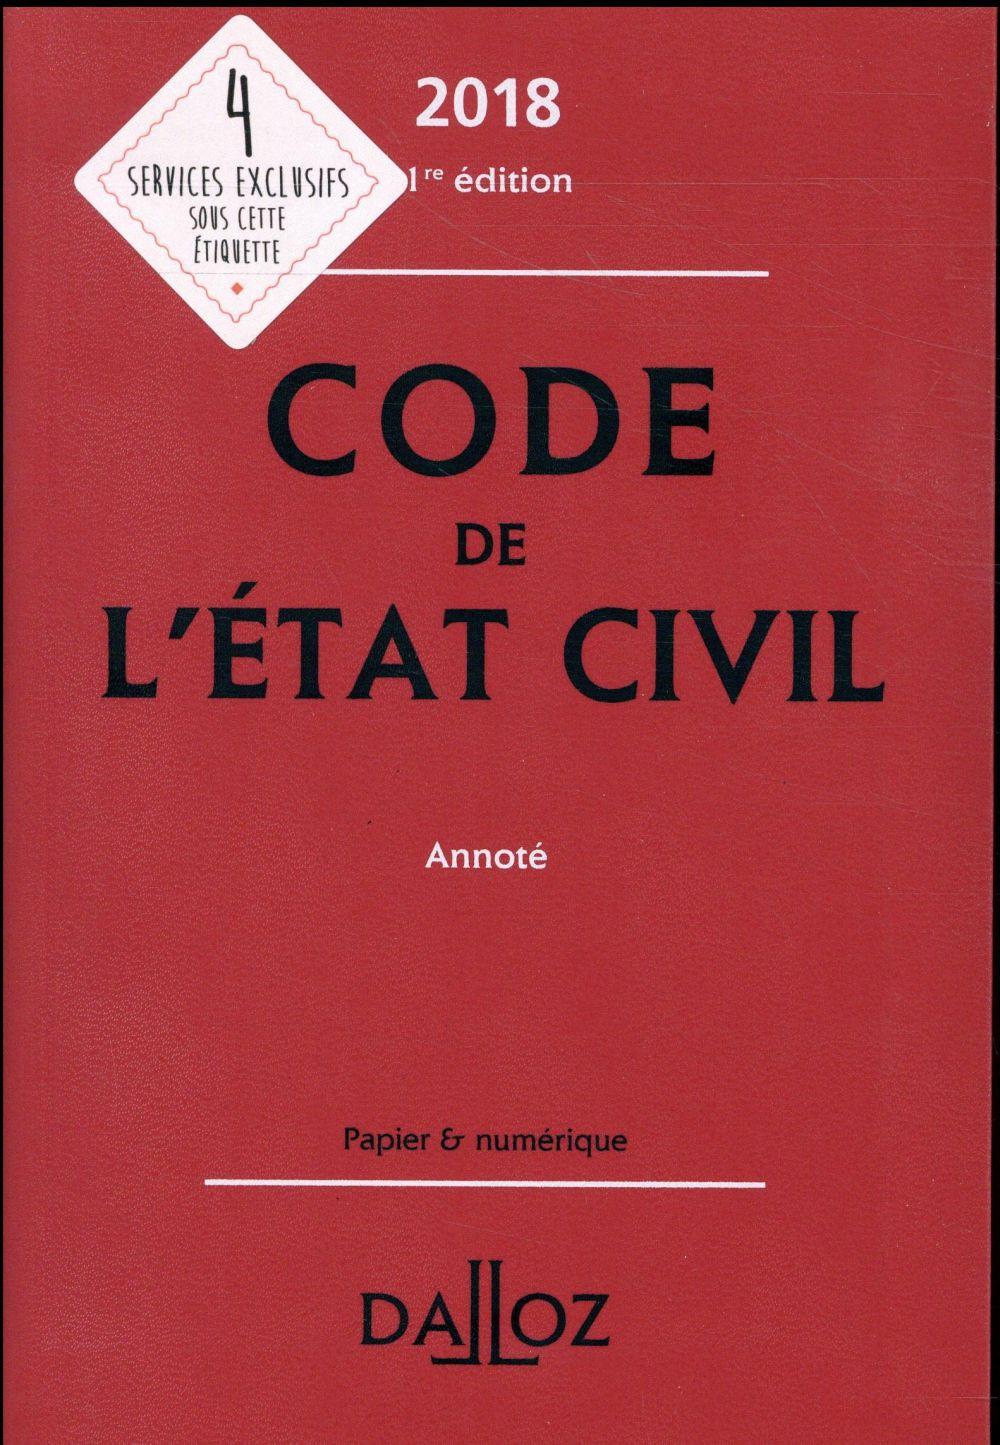 Code de l'état civil ; annoté (édition 2018)